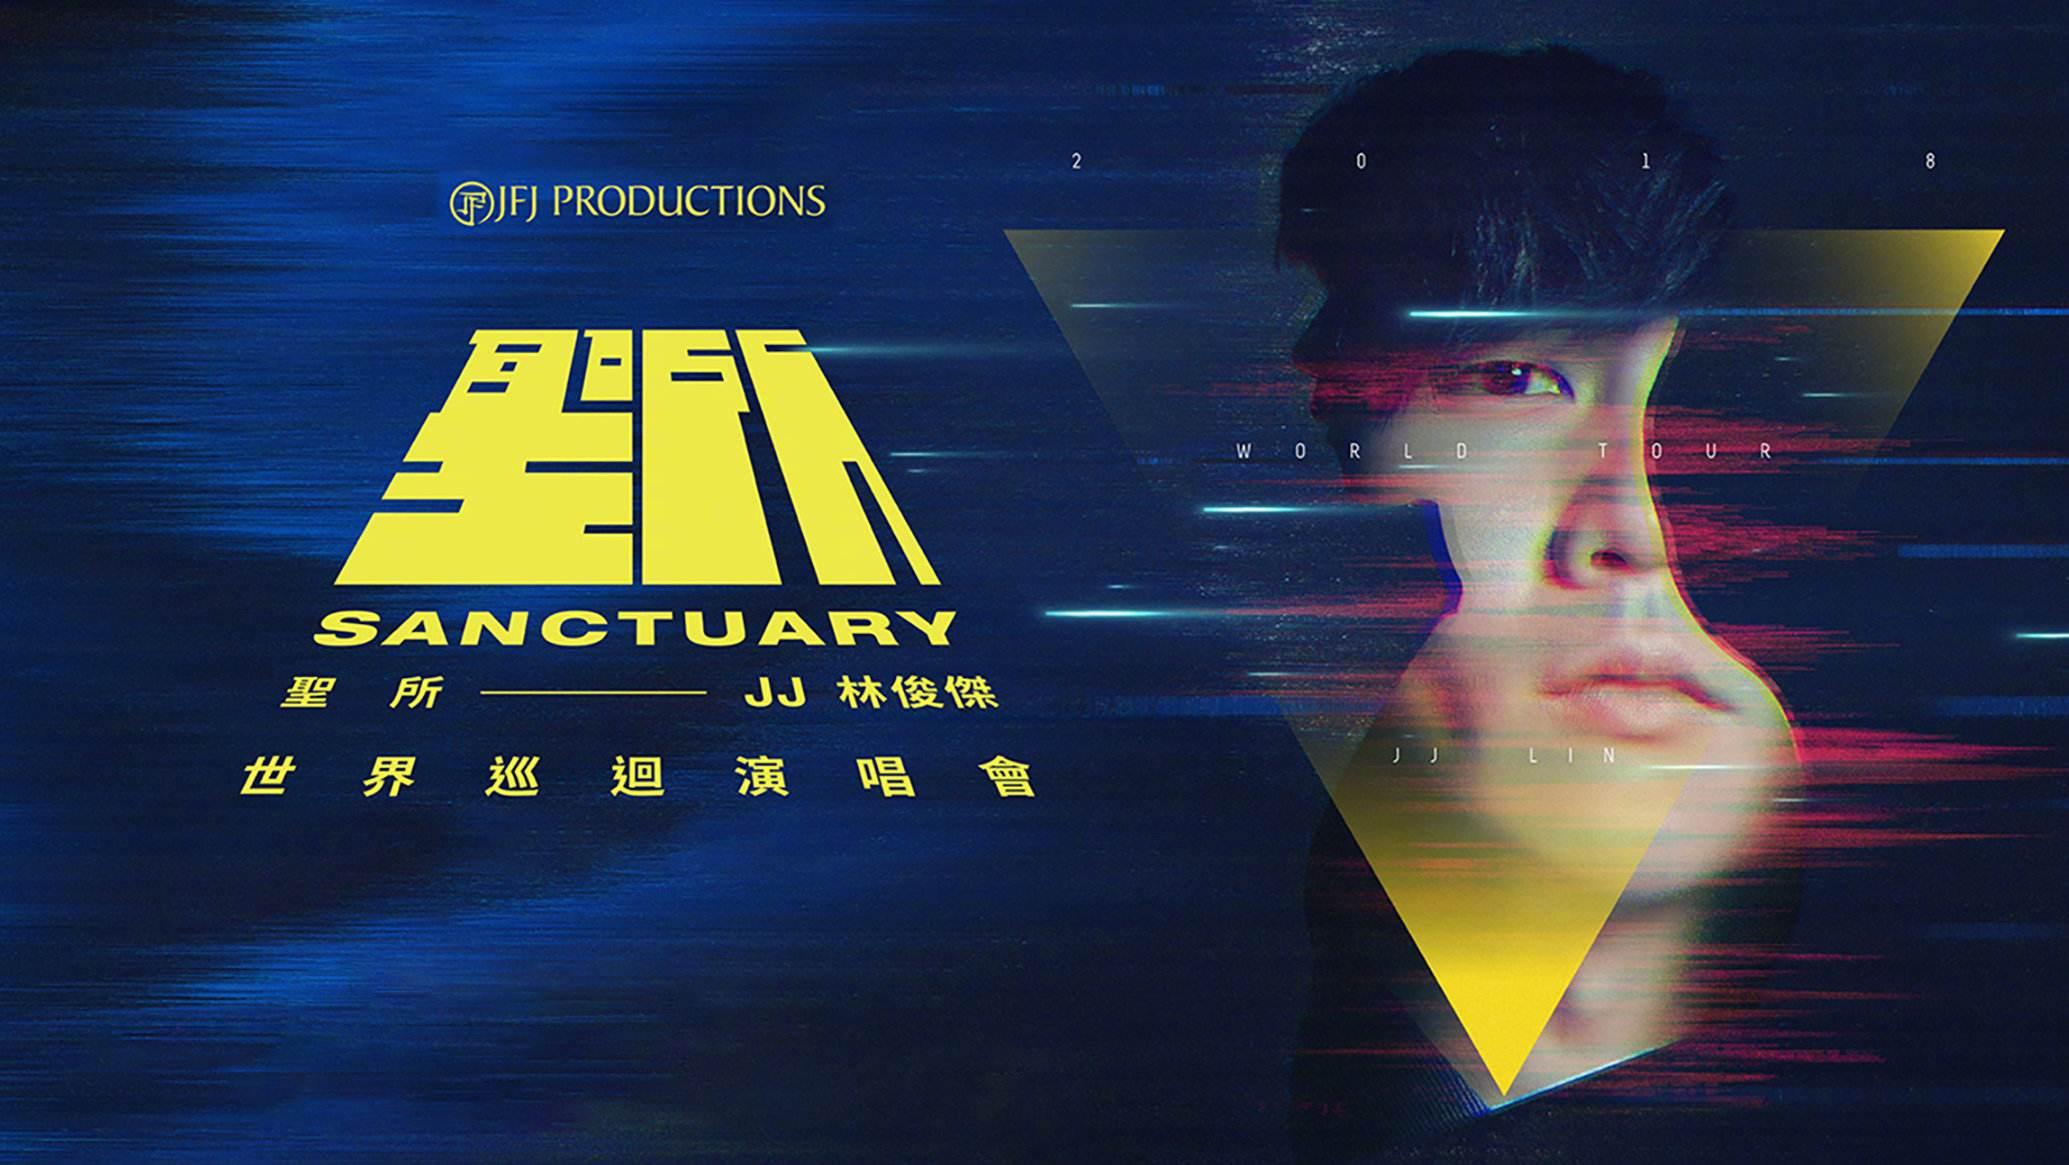 2021 JJ 林俊杰 圣所世界巡回演唱会-香港站